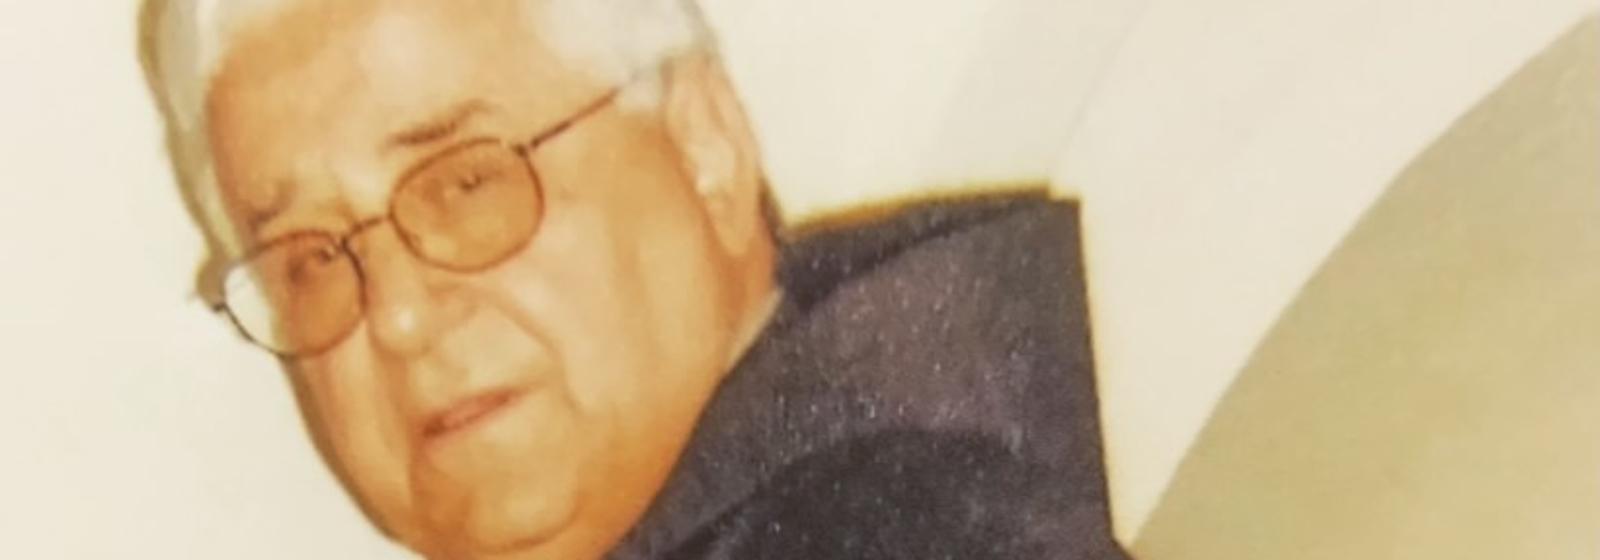 Fr. Antonio Maria Ciampi